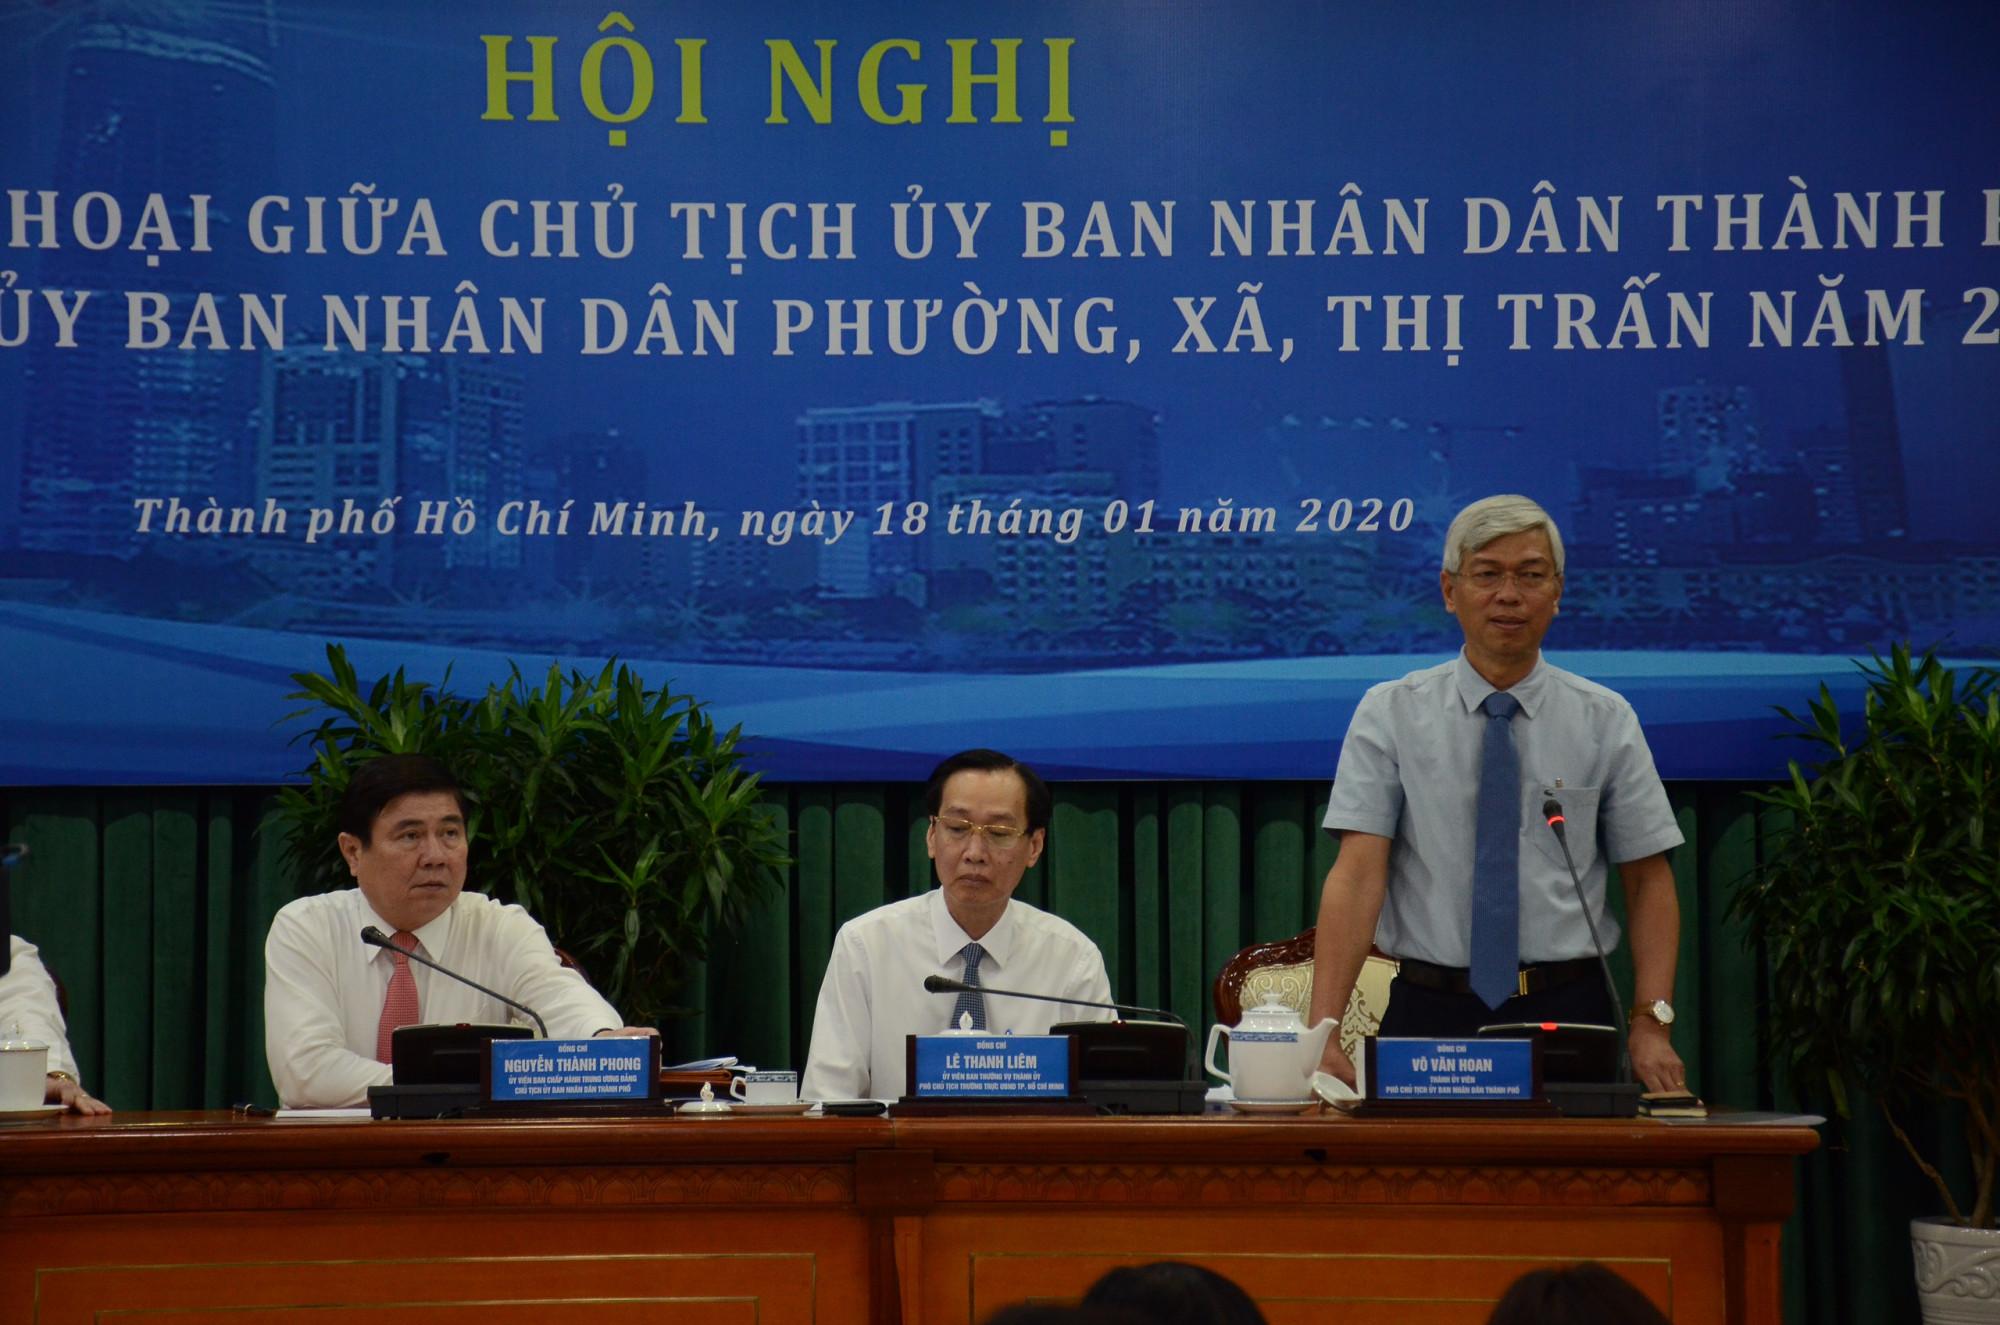 Phó Chủ tịch UBND TPHCM Võ Văn Hoan cho rằng, quản lý chung cư hướng đến như quản lý khách sẽ sẽ dễ dàng hơn